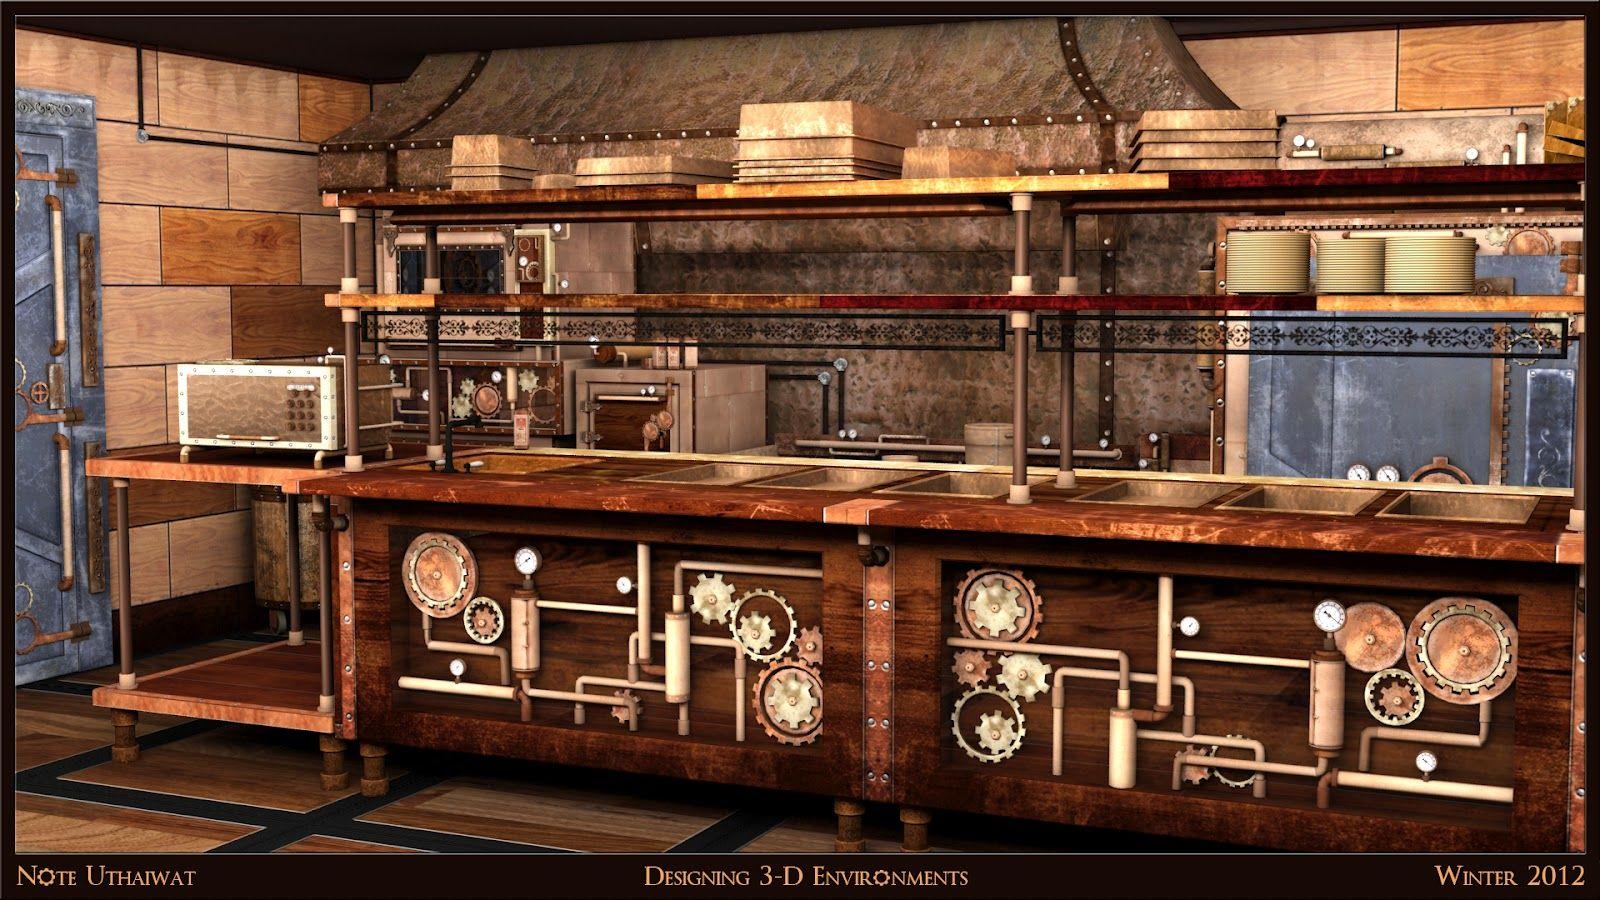 Steampunk Prep Steampunk Kitchen In 2019 Steampunk